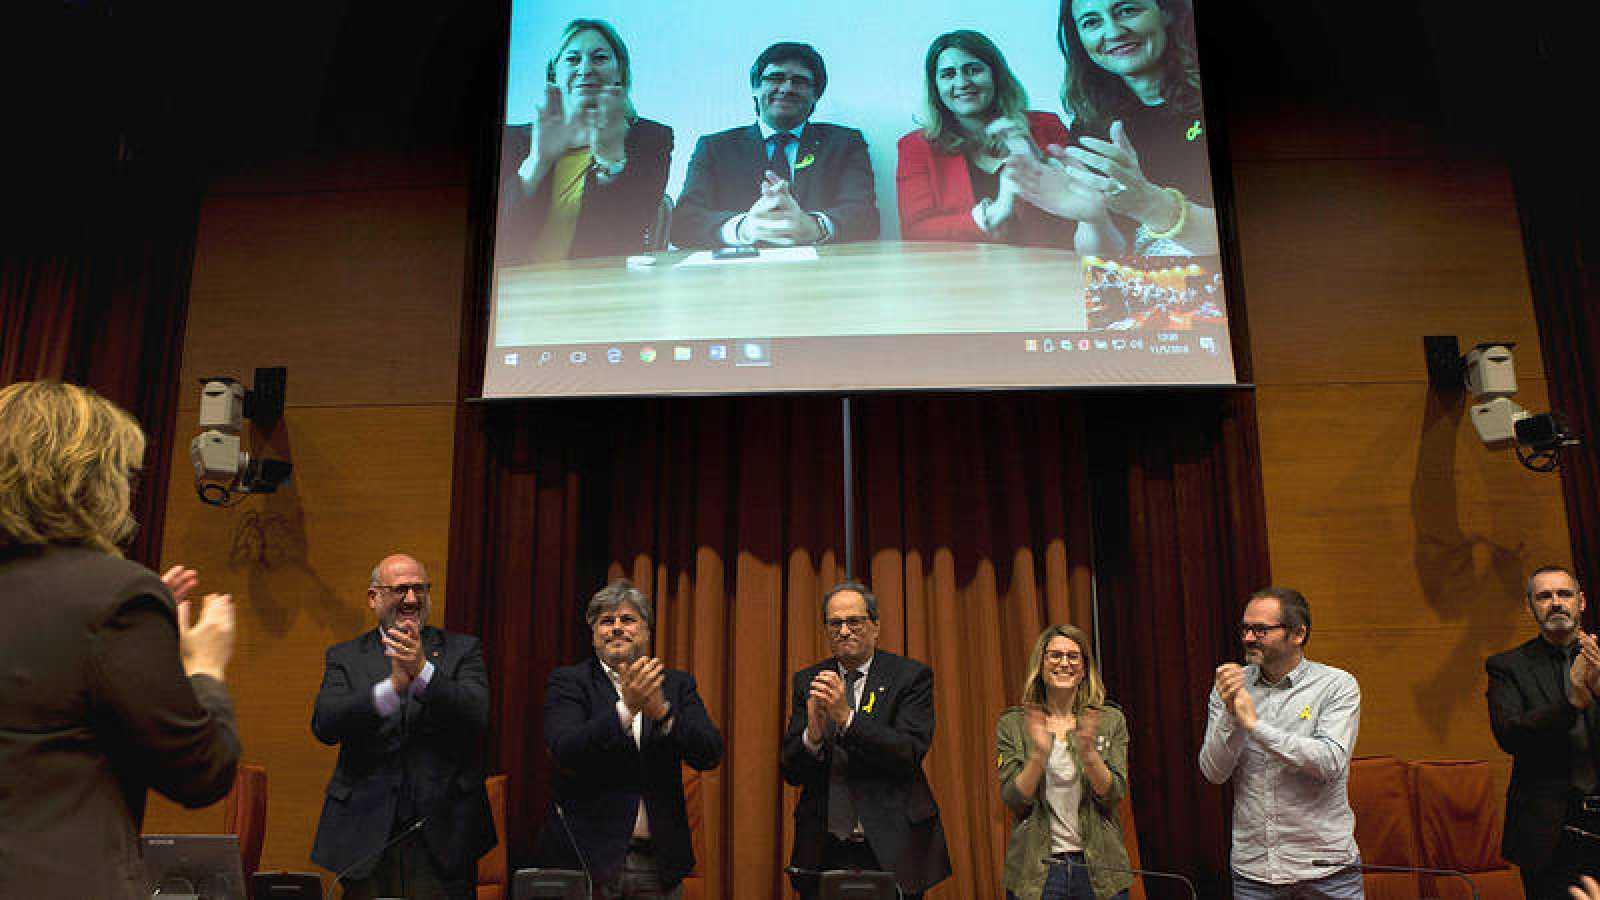 En videoconferencia, Carles Puigdemont asiste a la reunión del grupo parlamentario de JxCat tras designar a Torra candidato a la Generalitat.